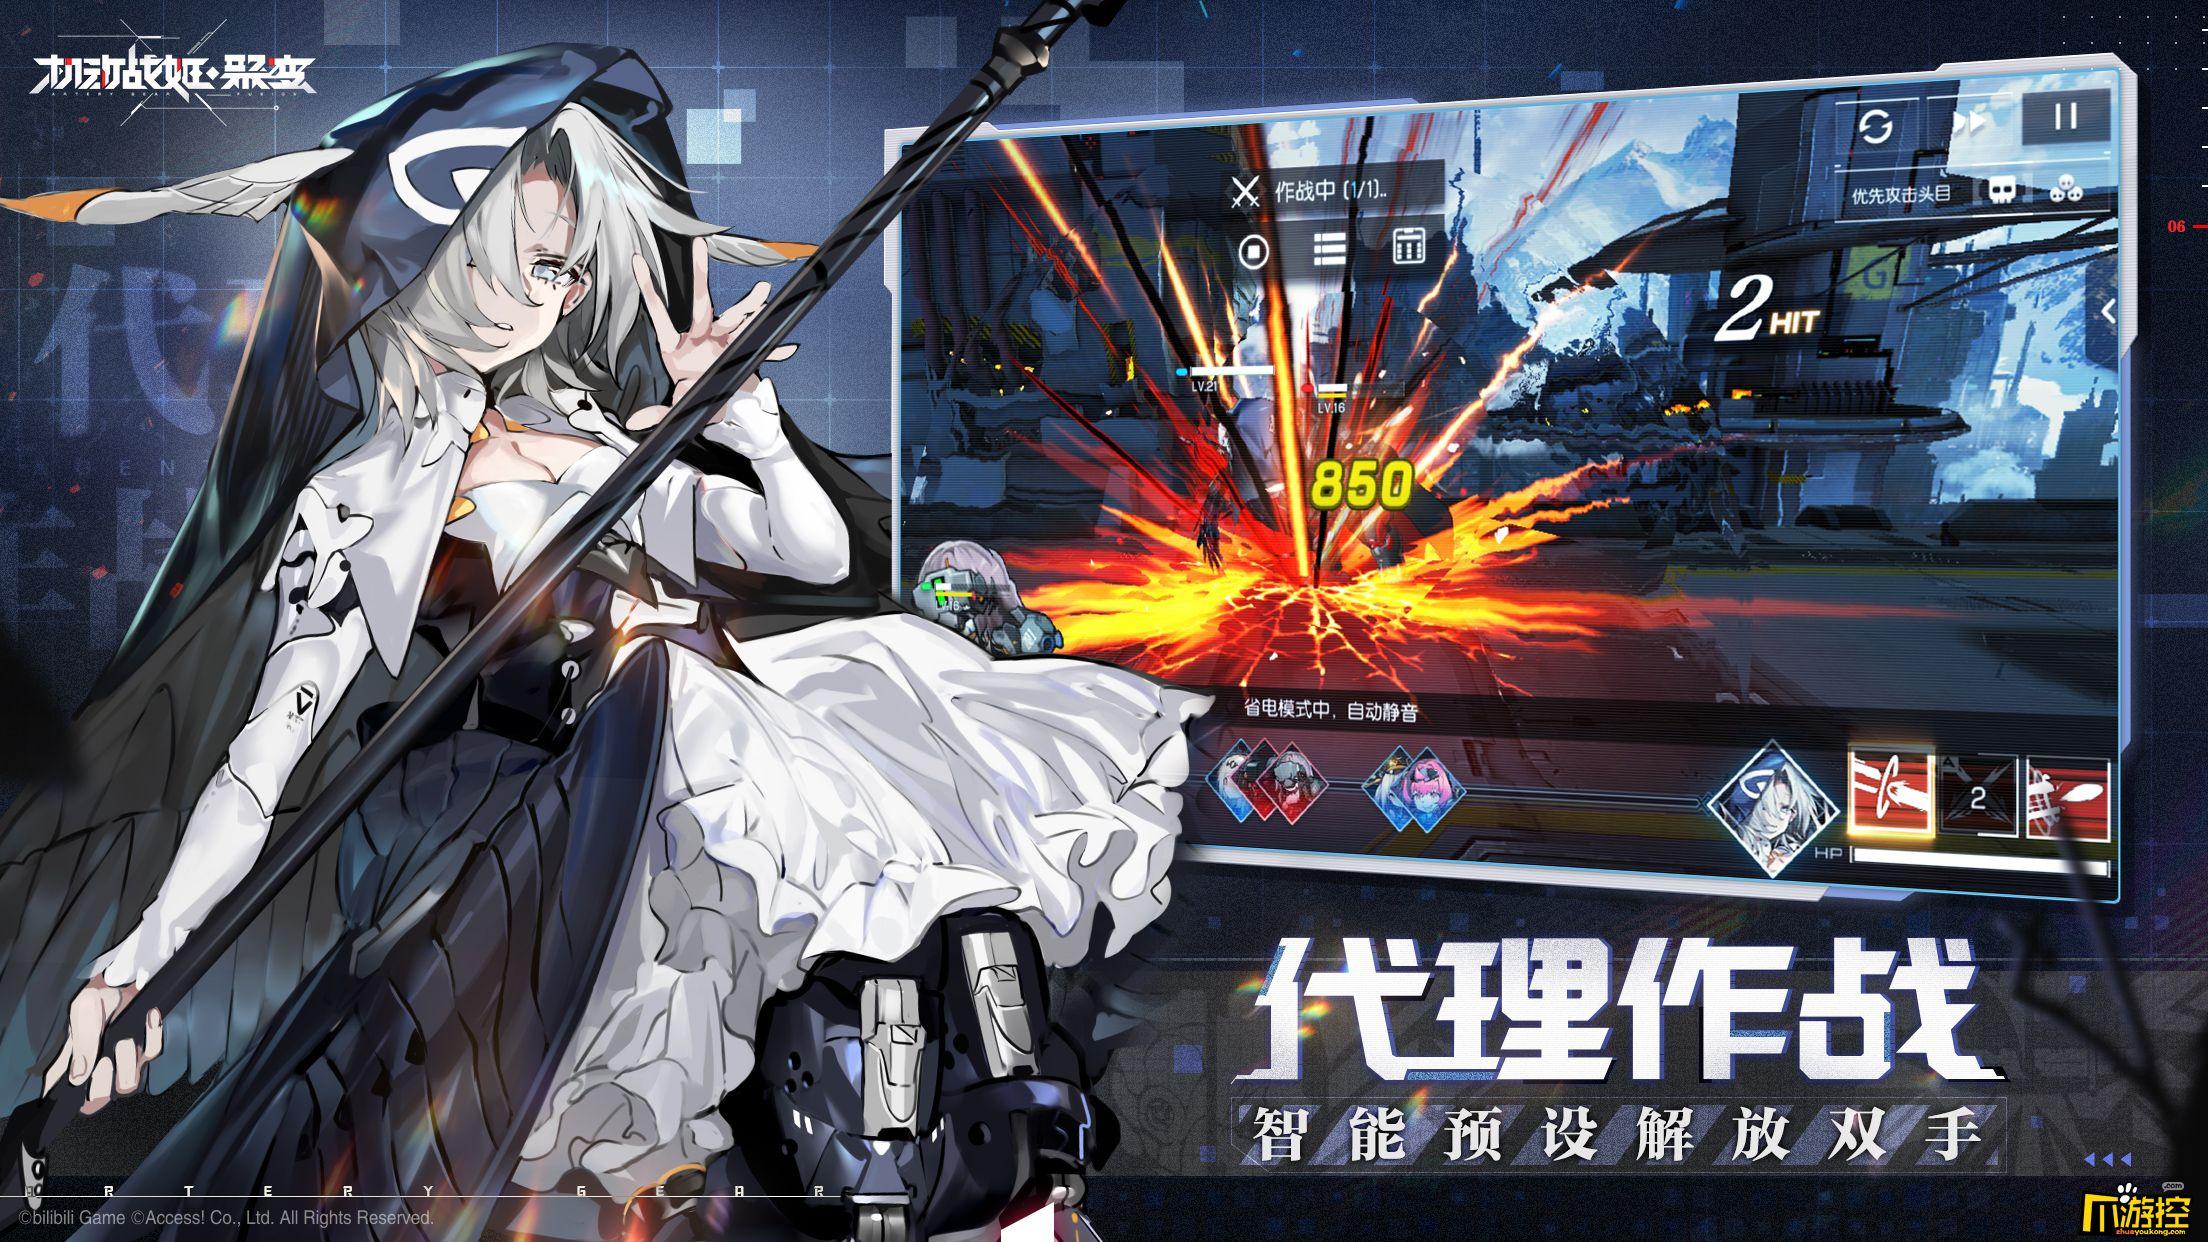 机动战姬聚变游戏评测,二次元机甲少女风格的RPG策略战斗手游